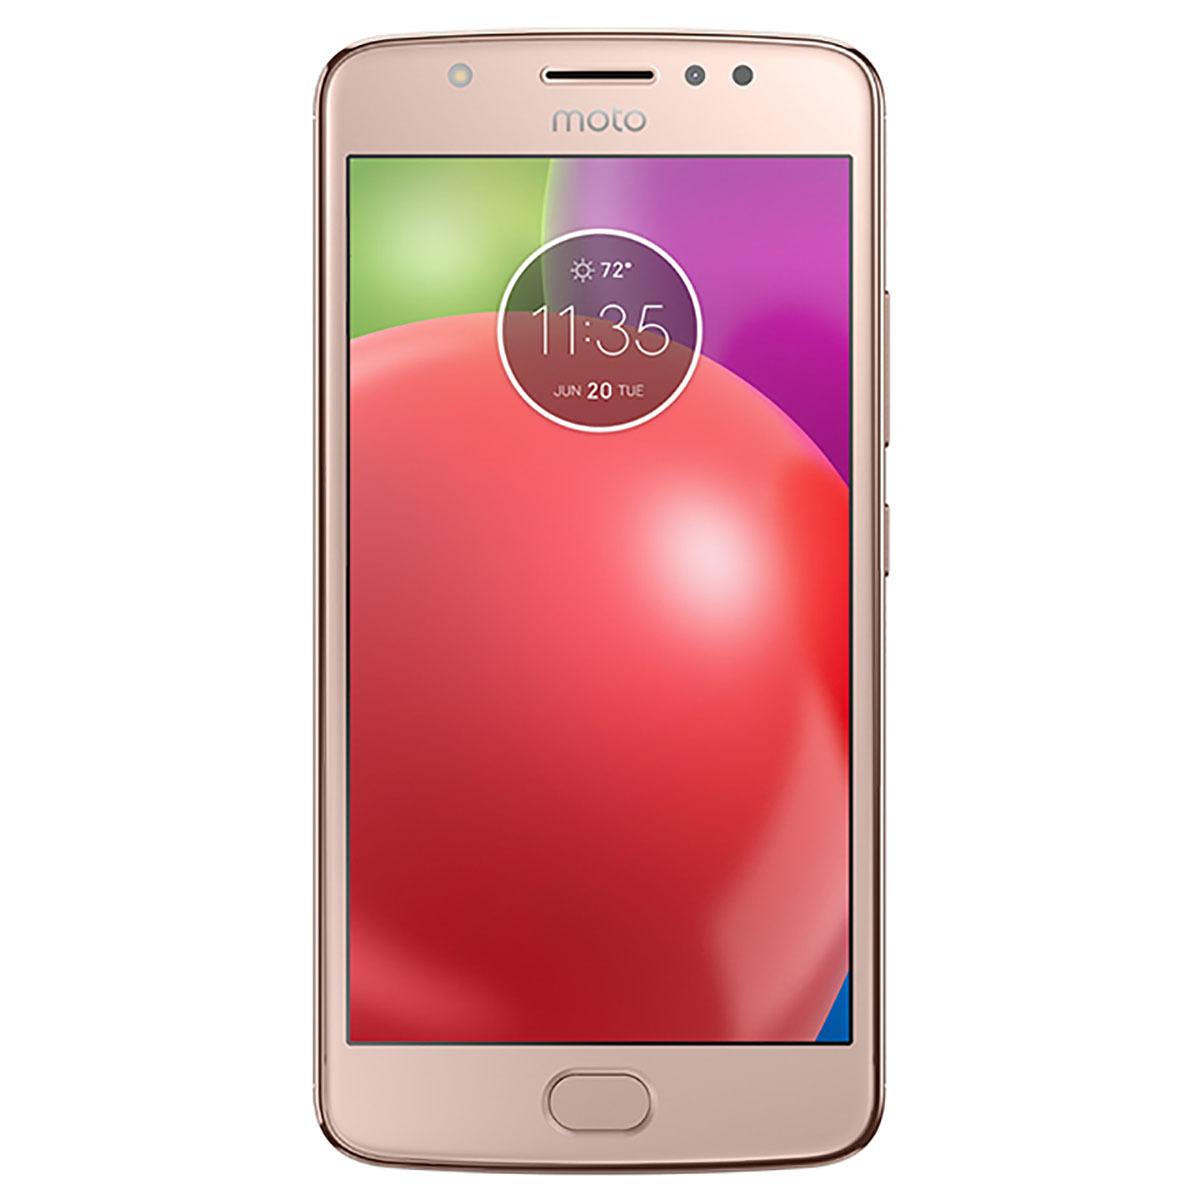 Chedraui: Smartphone MOTOROLA MOTO E4 LTE, Dorado